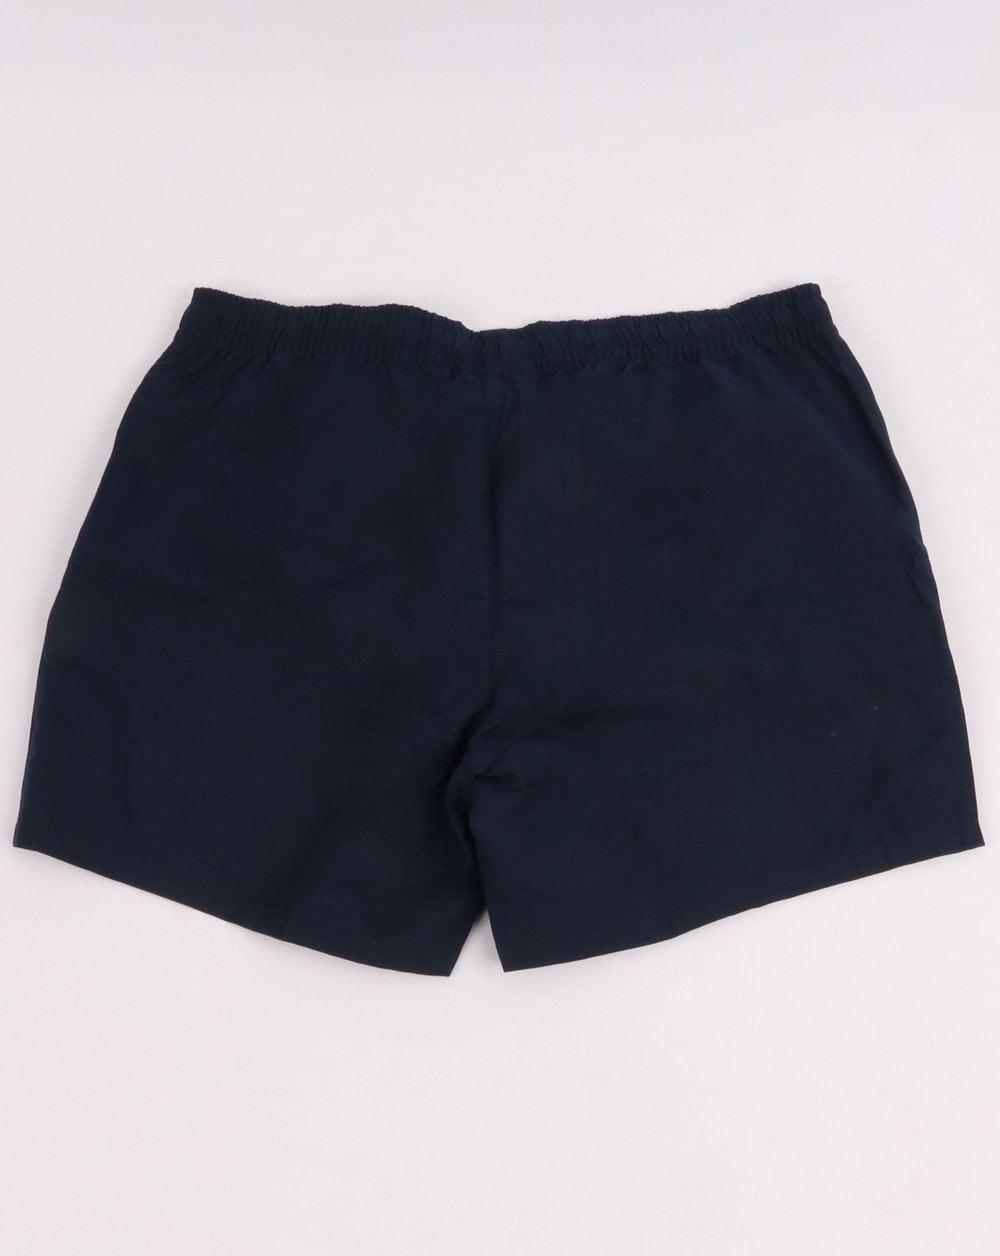 fd94e23debf14 Lacoste Swim Shorts in Navy | 80s Casual Classics